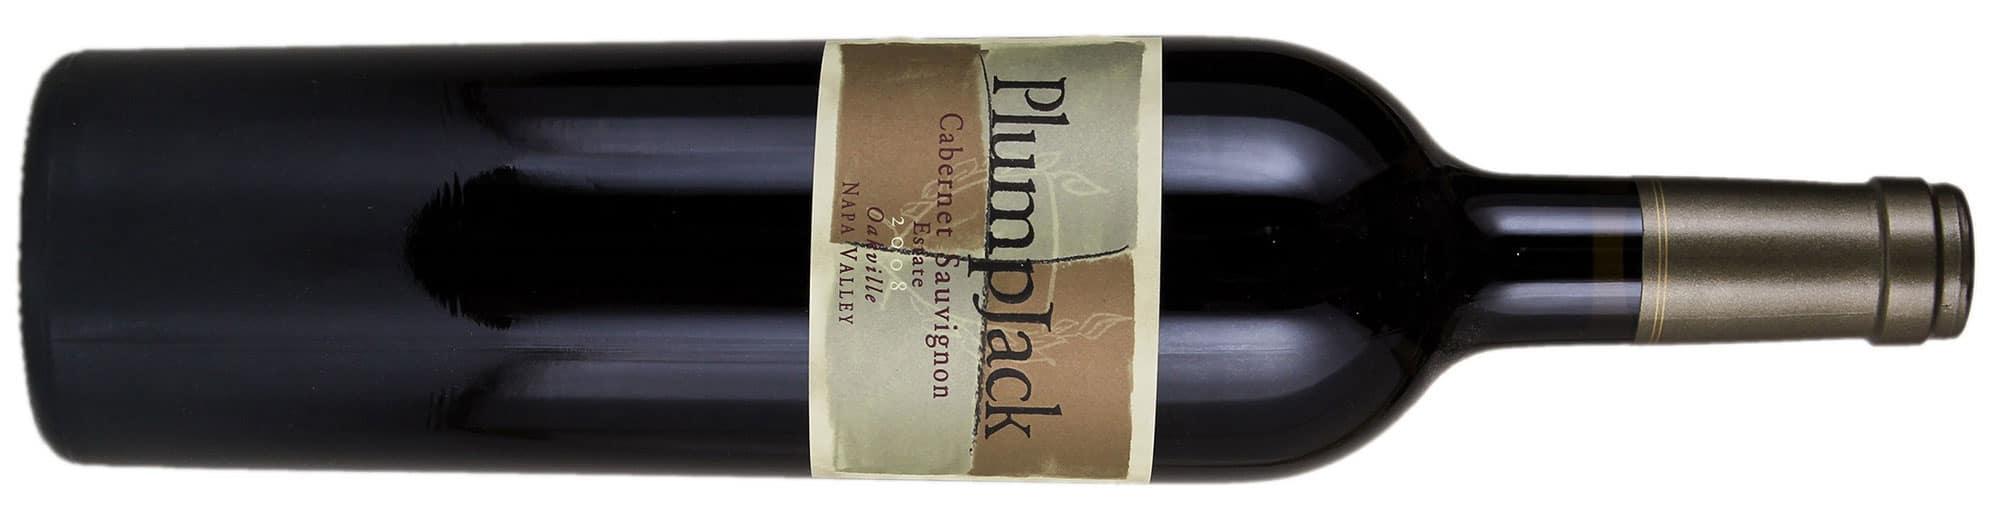 2008 Plumpjack Wine